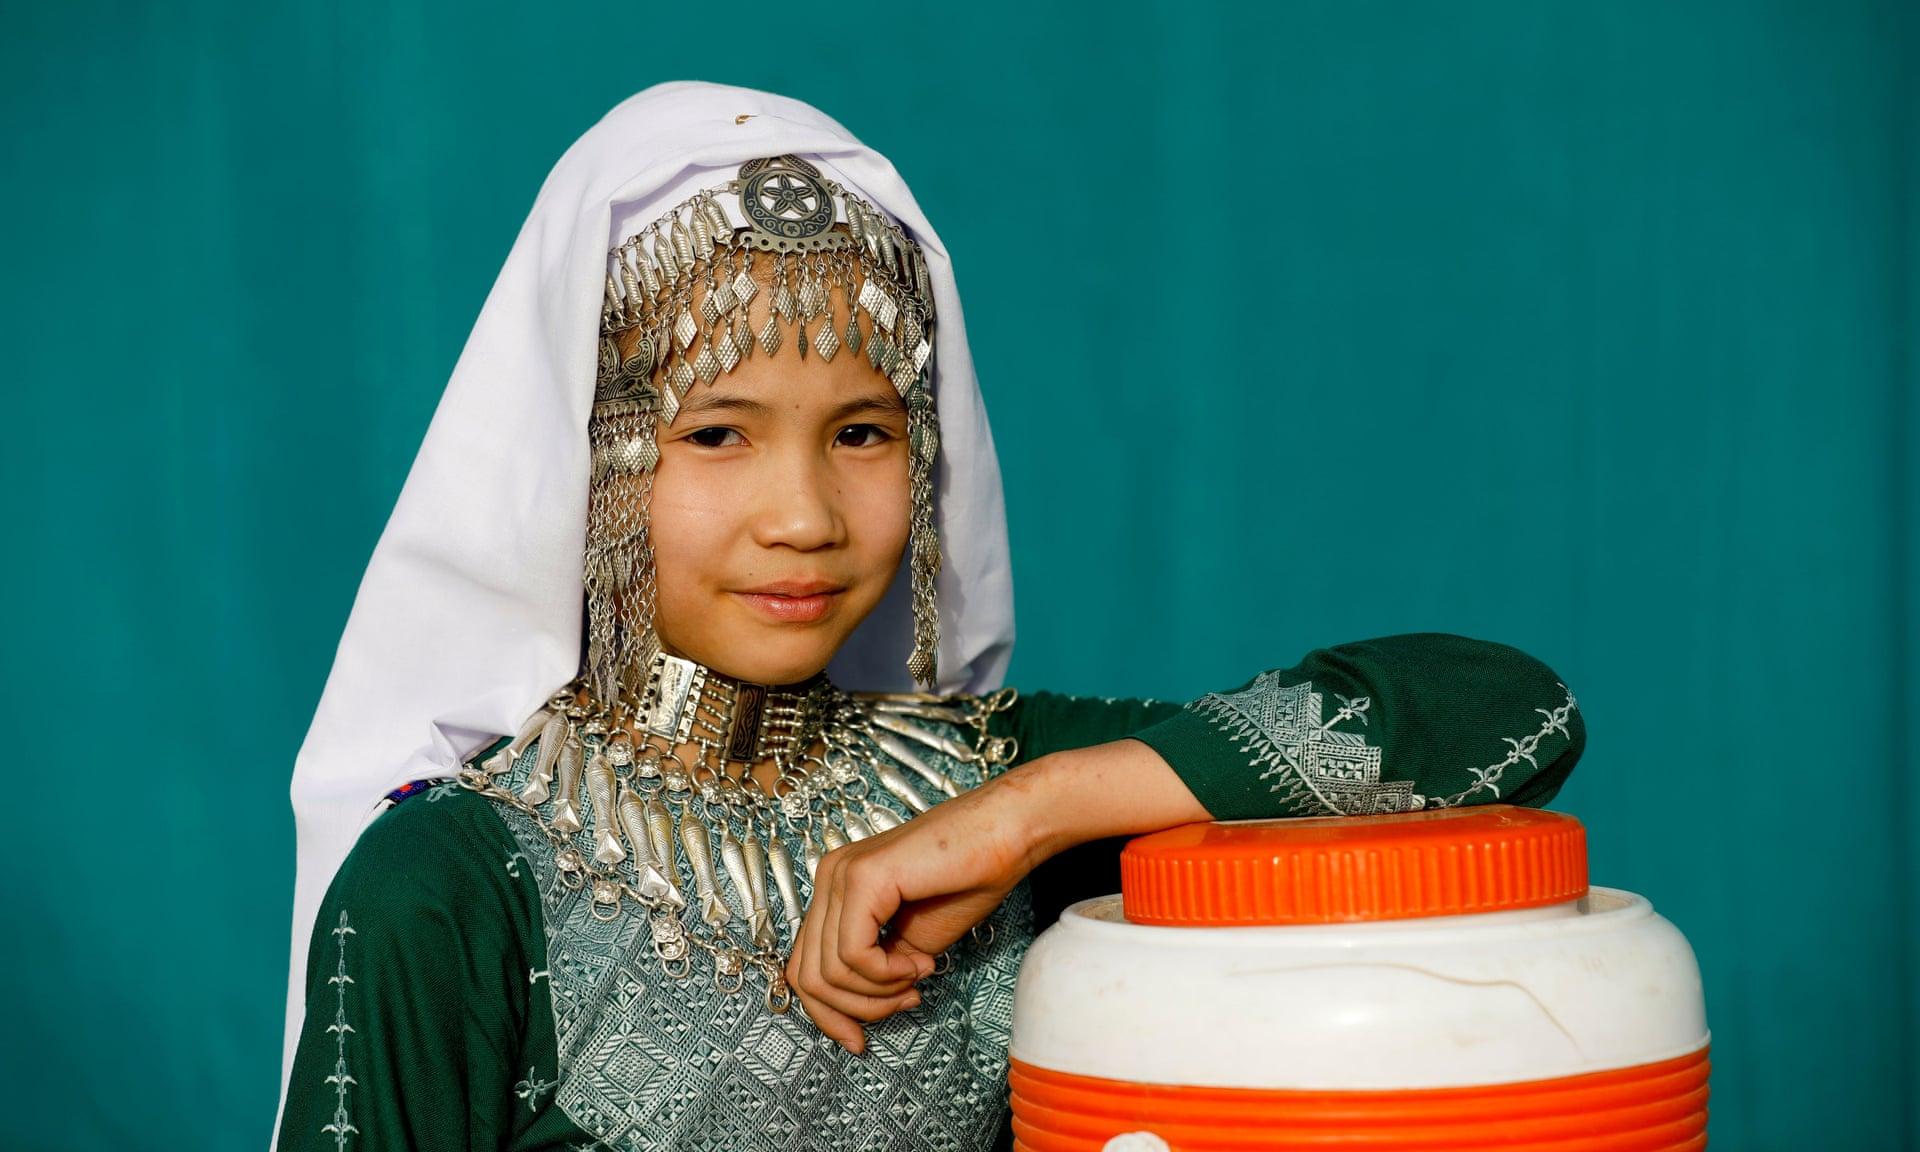 Життя під прицілом пострілів: будні газарейців у 10 фотографіях